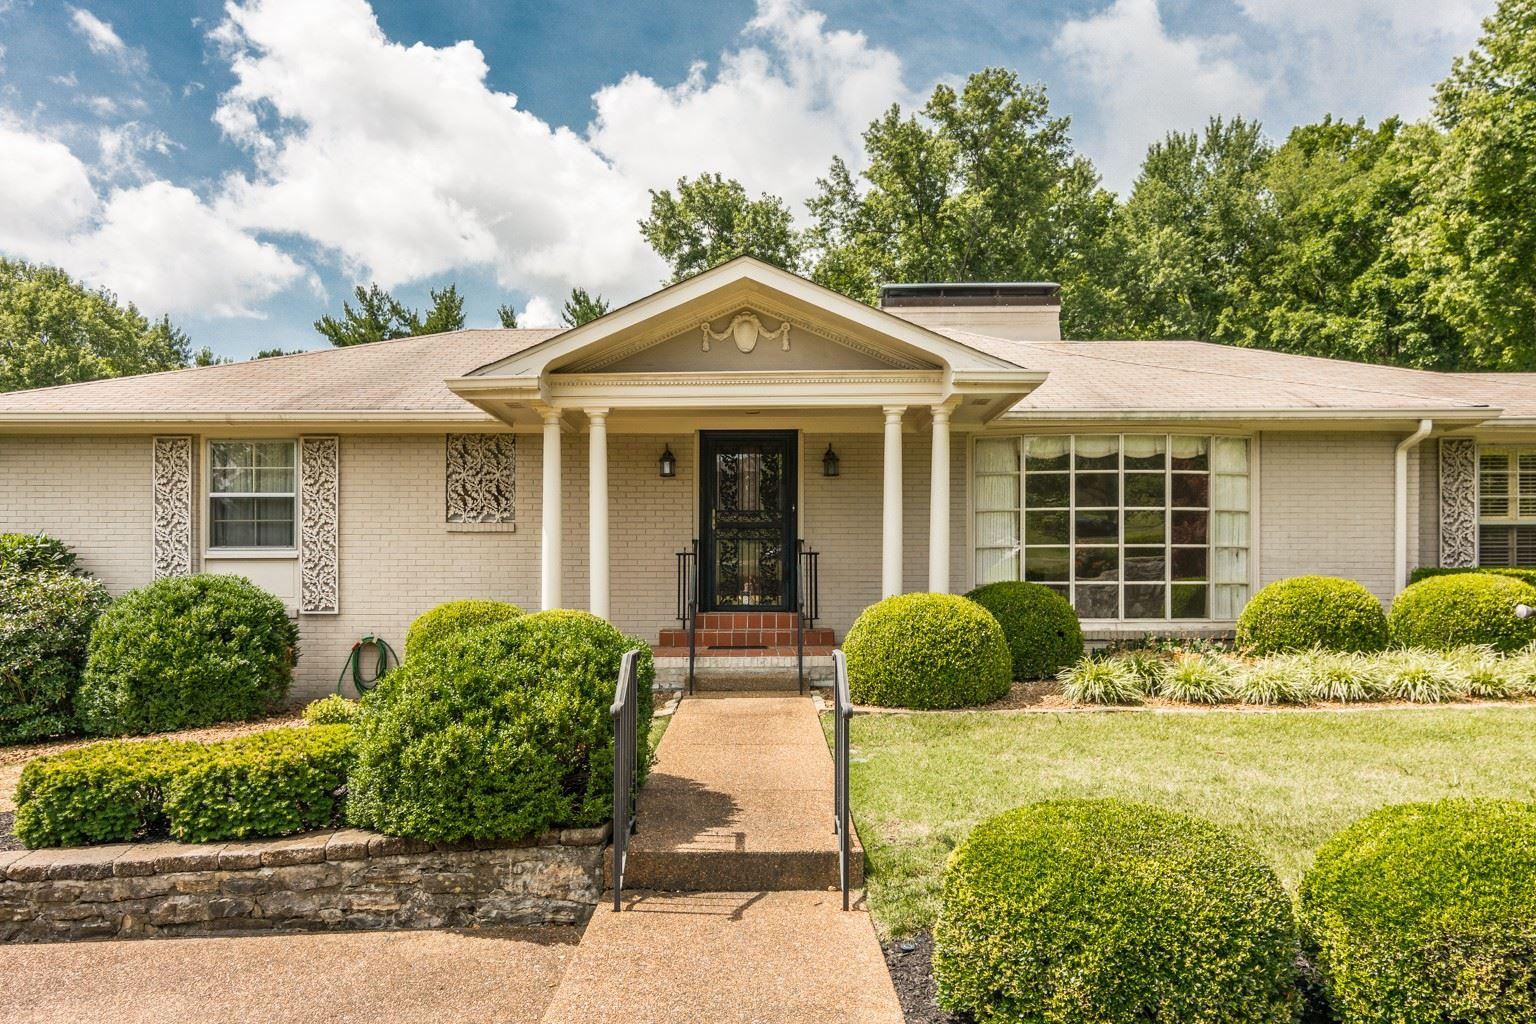 Photo of 817 Brentview Dr, Nashville, TN 37220 (MLS # 2168371)